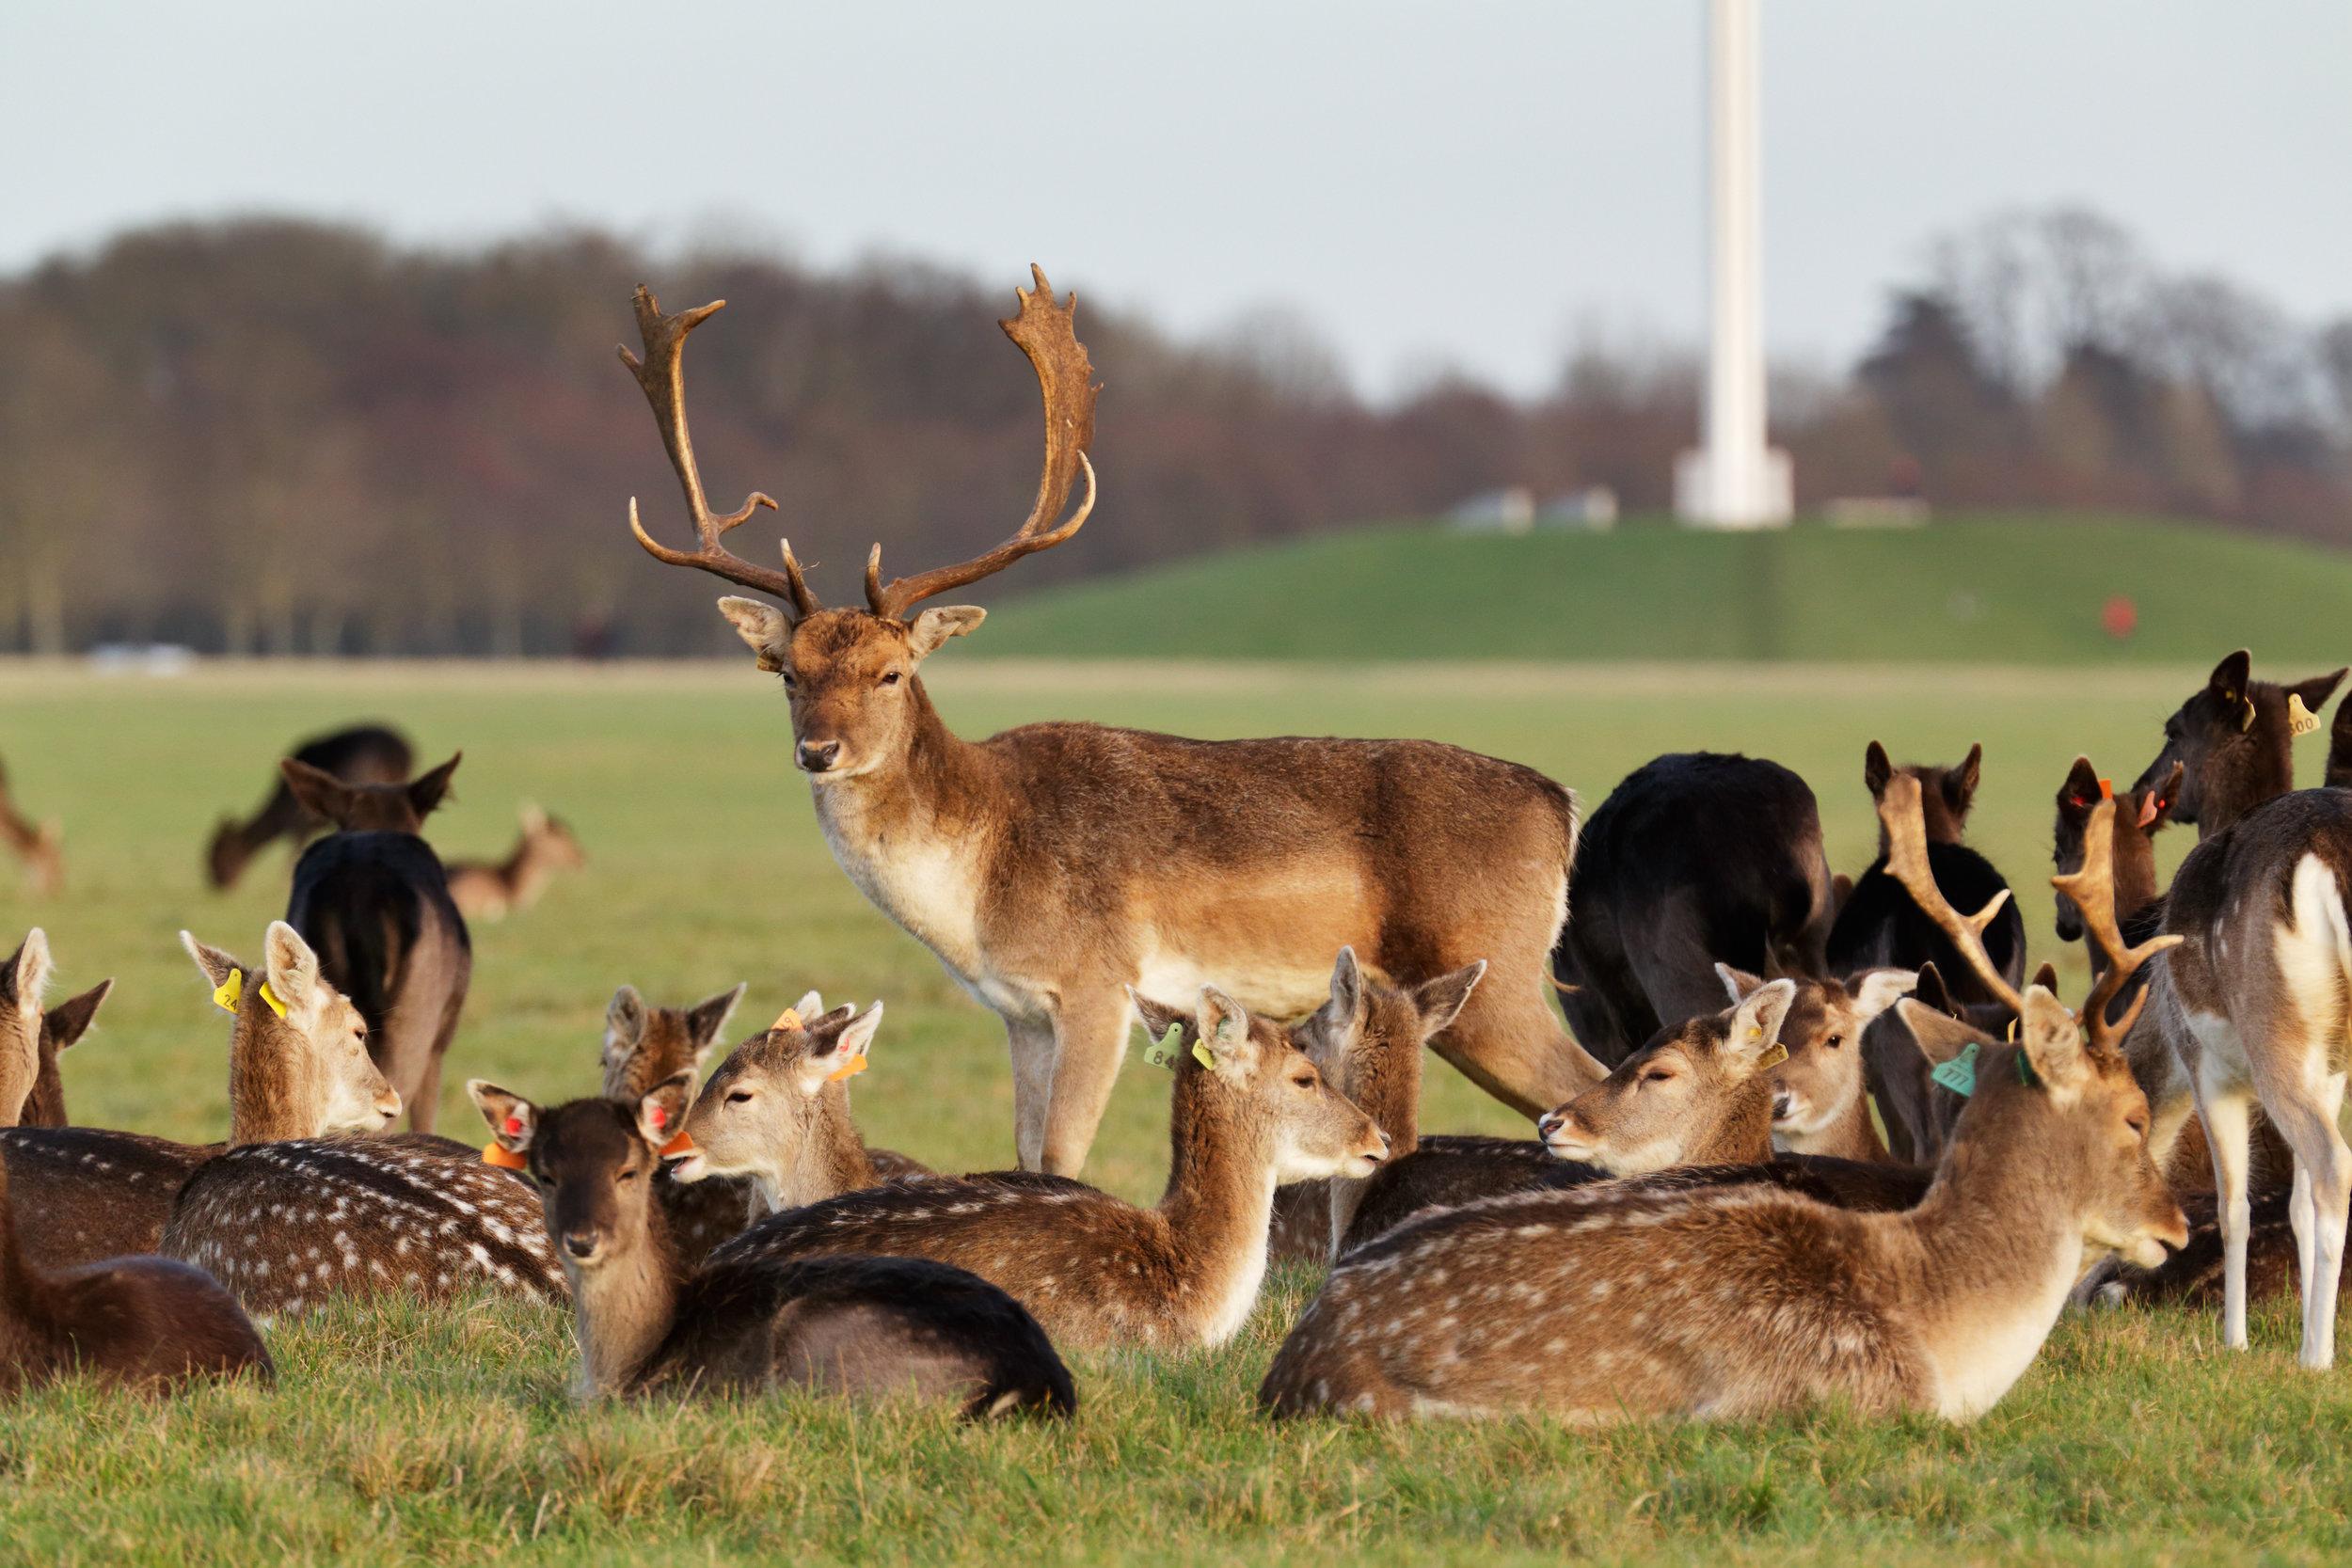 irland_dublin_bigstock-A-herd-of-deer-in-the-Phoenix--99495200.jpg